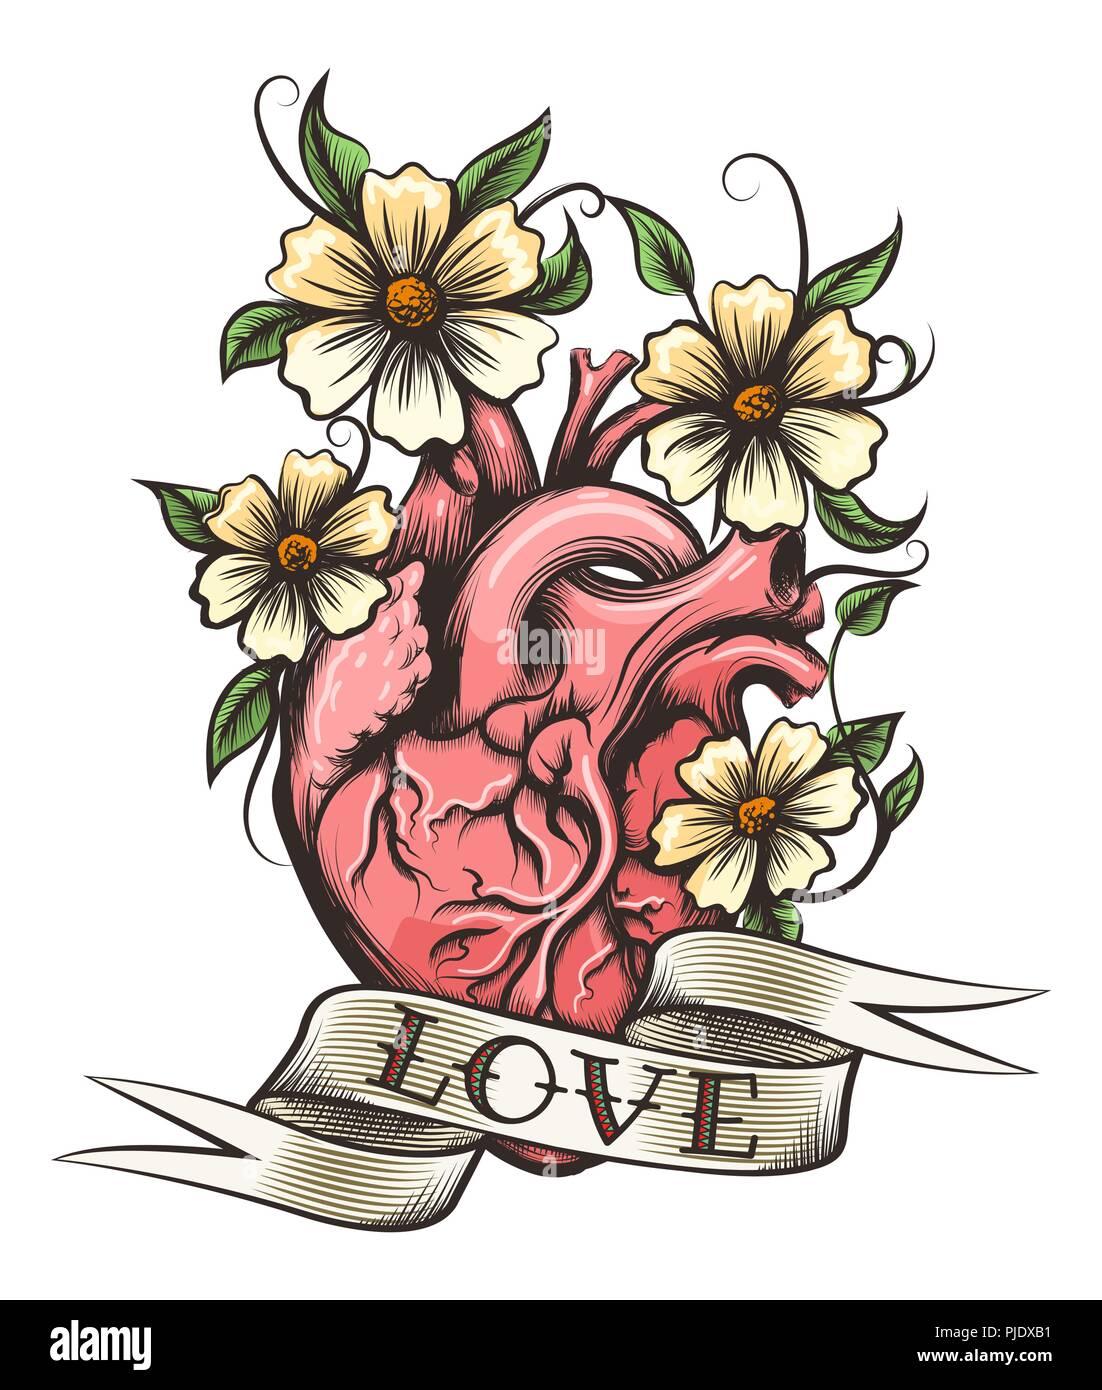 Coeur De L Homme Fleurs Et Ruban Avec Lettrage Dessine A La Main L